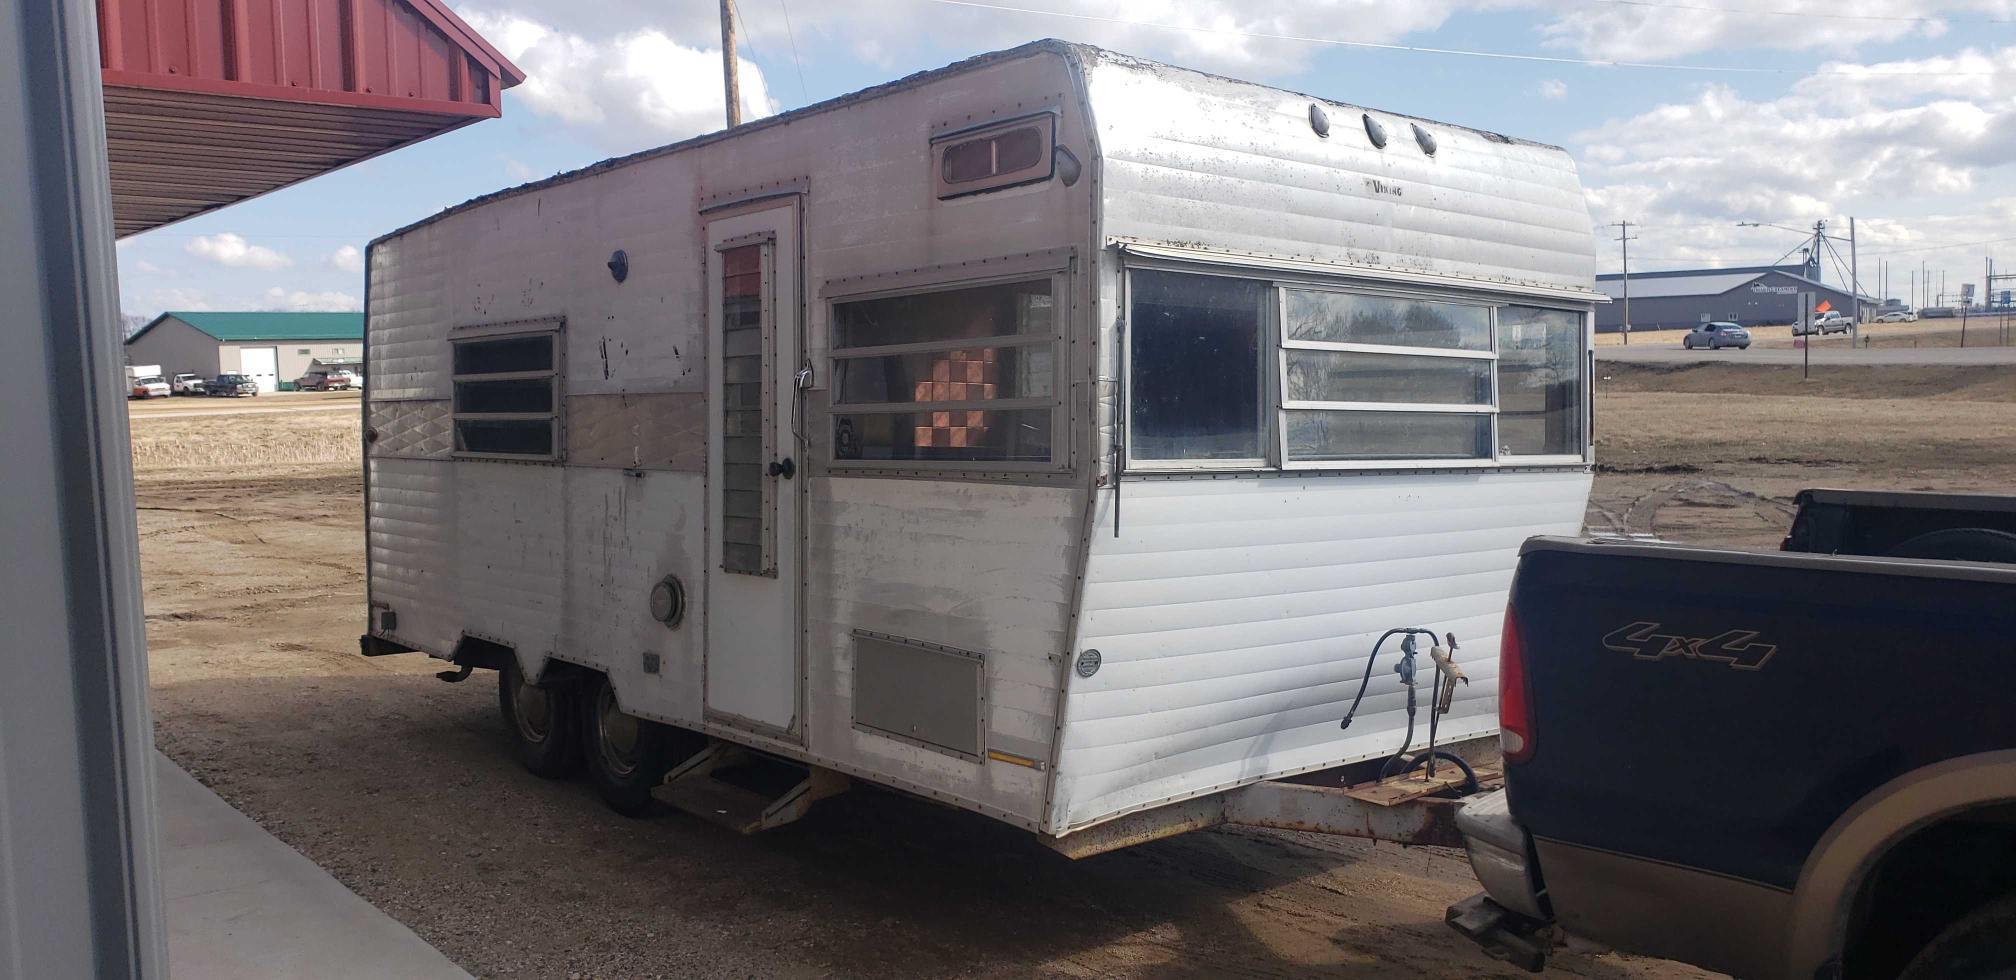 Coachmen Camper salvage cars for sale: 1968 Coachmen Camper